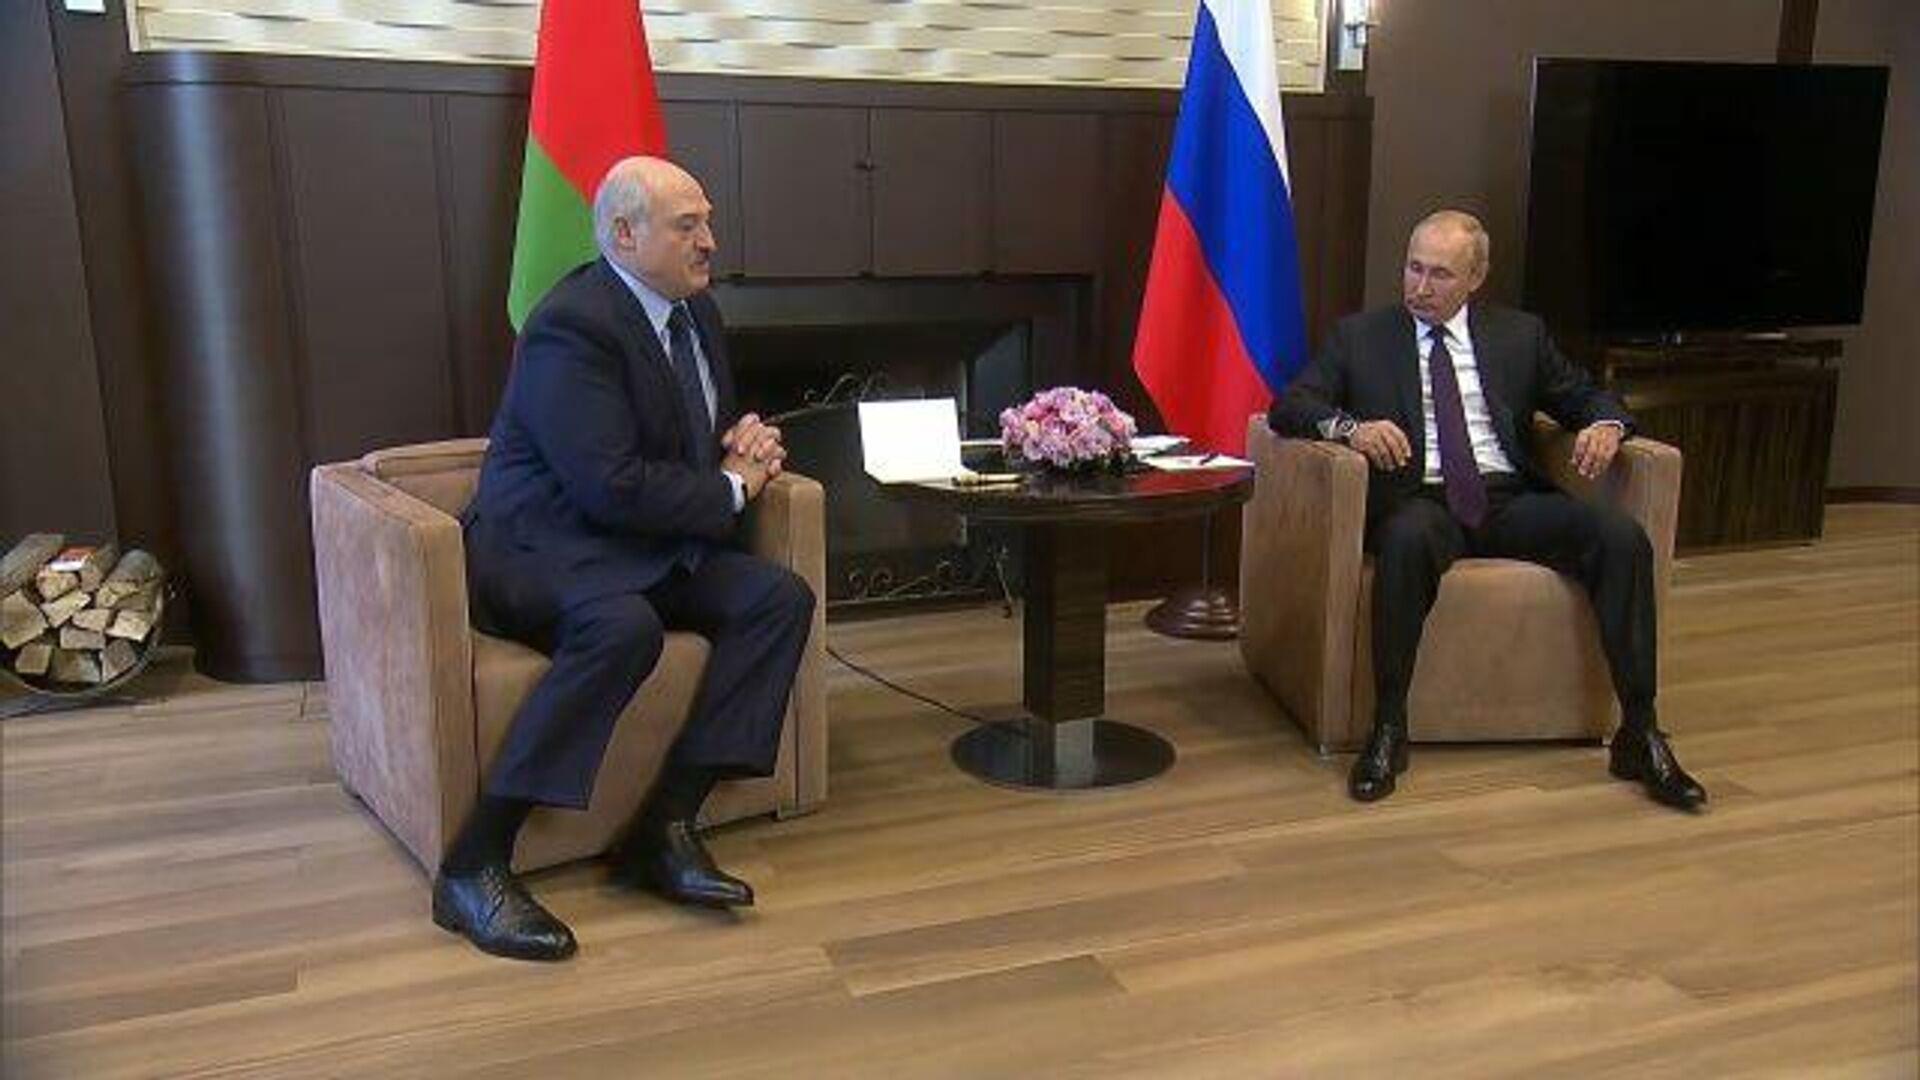 Лукашенко: Если кому-то за границей хочется почесать руки, то Минск может почесать - РИА Новости, 1920, 14.09.2020